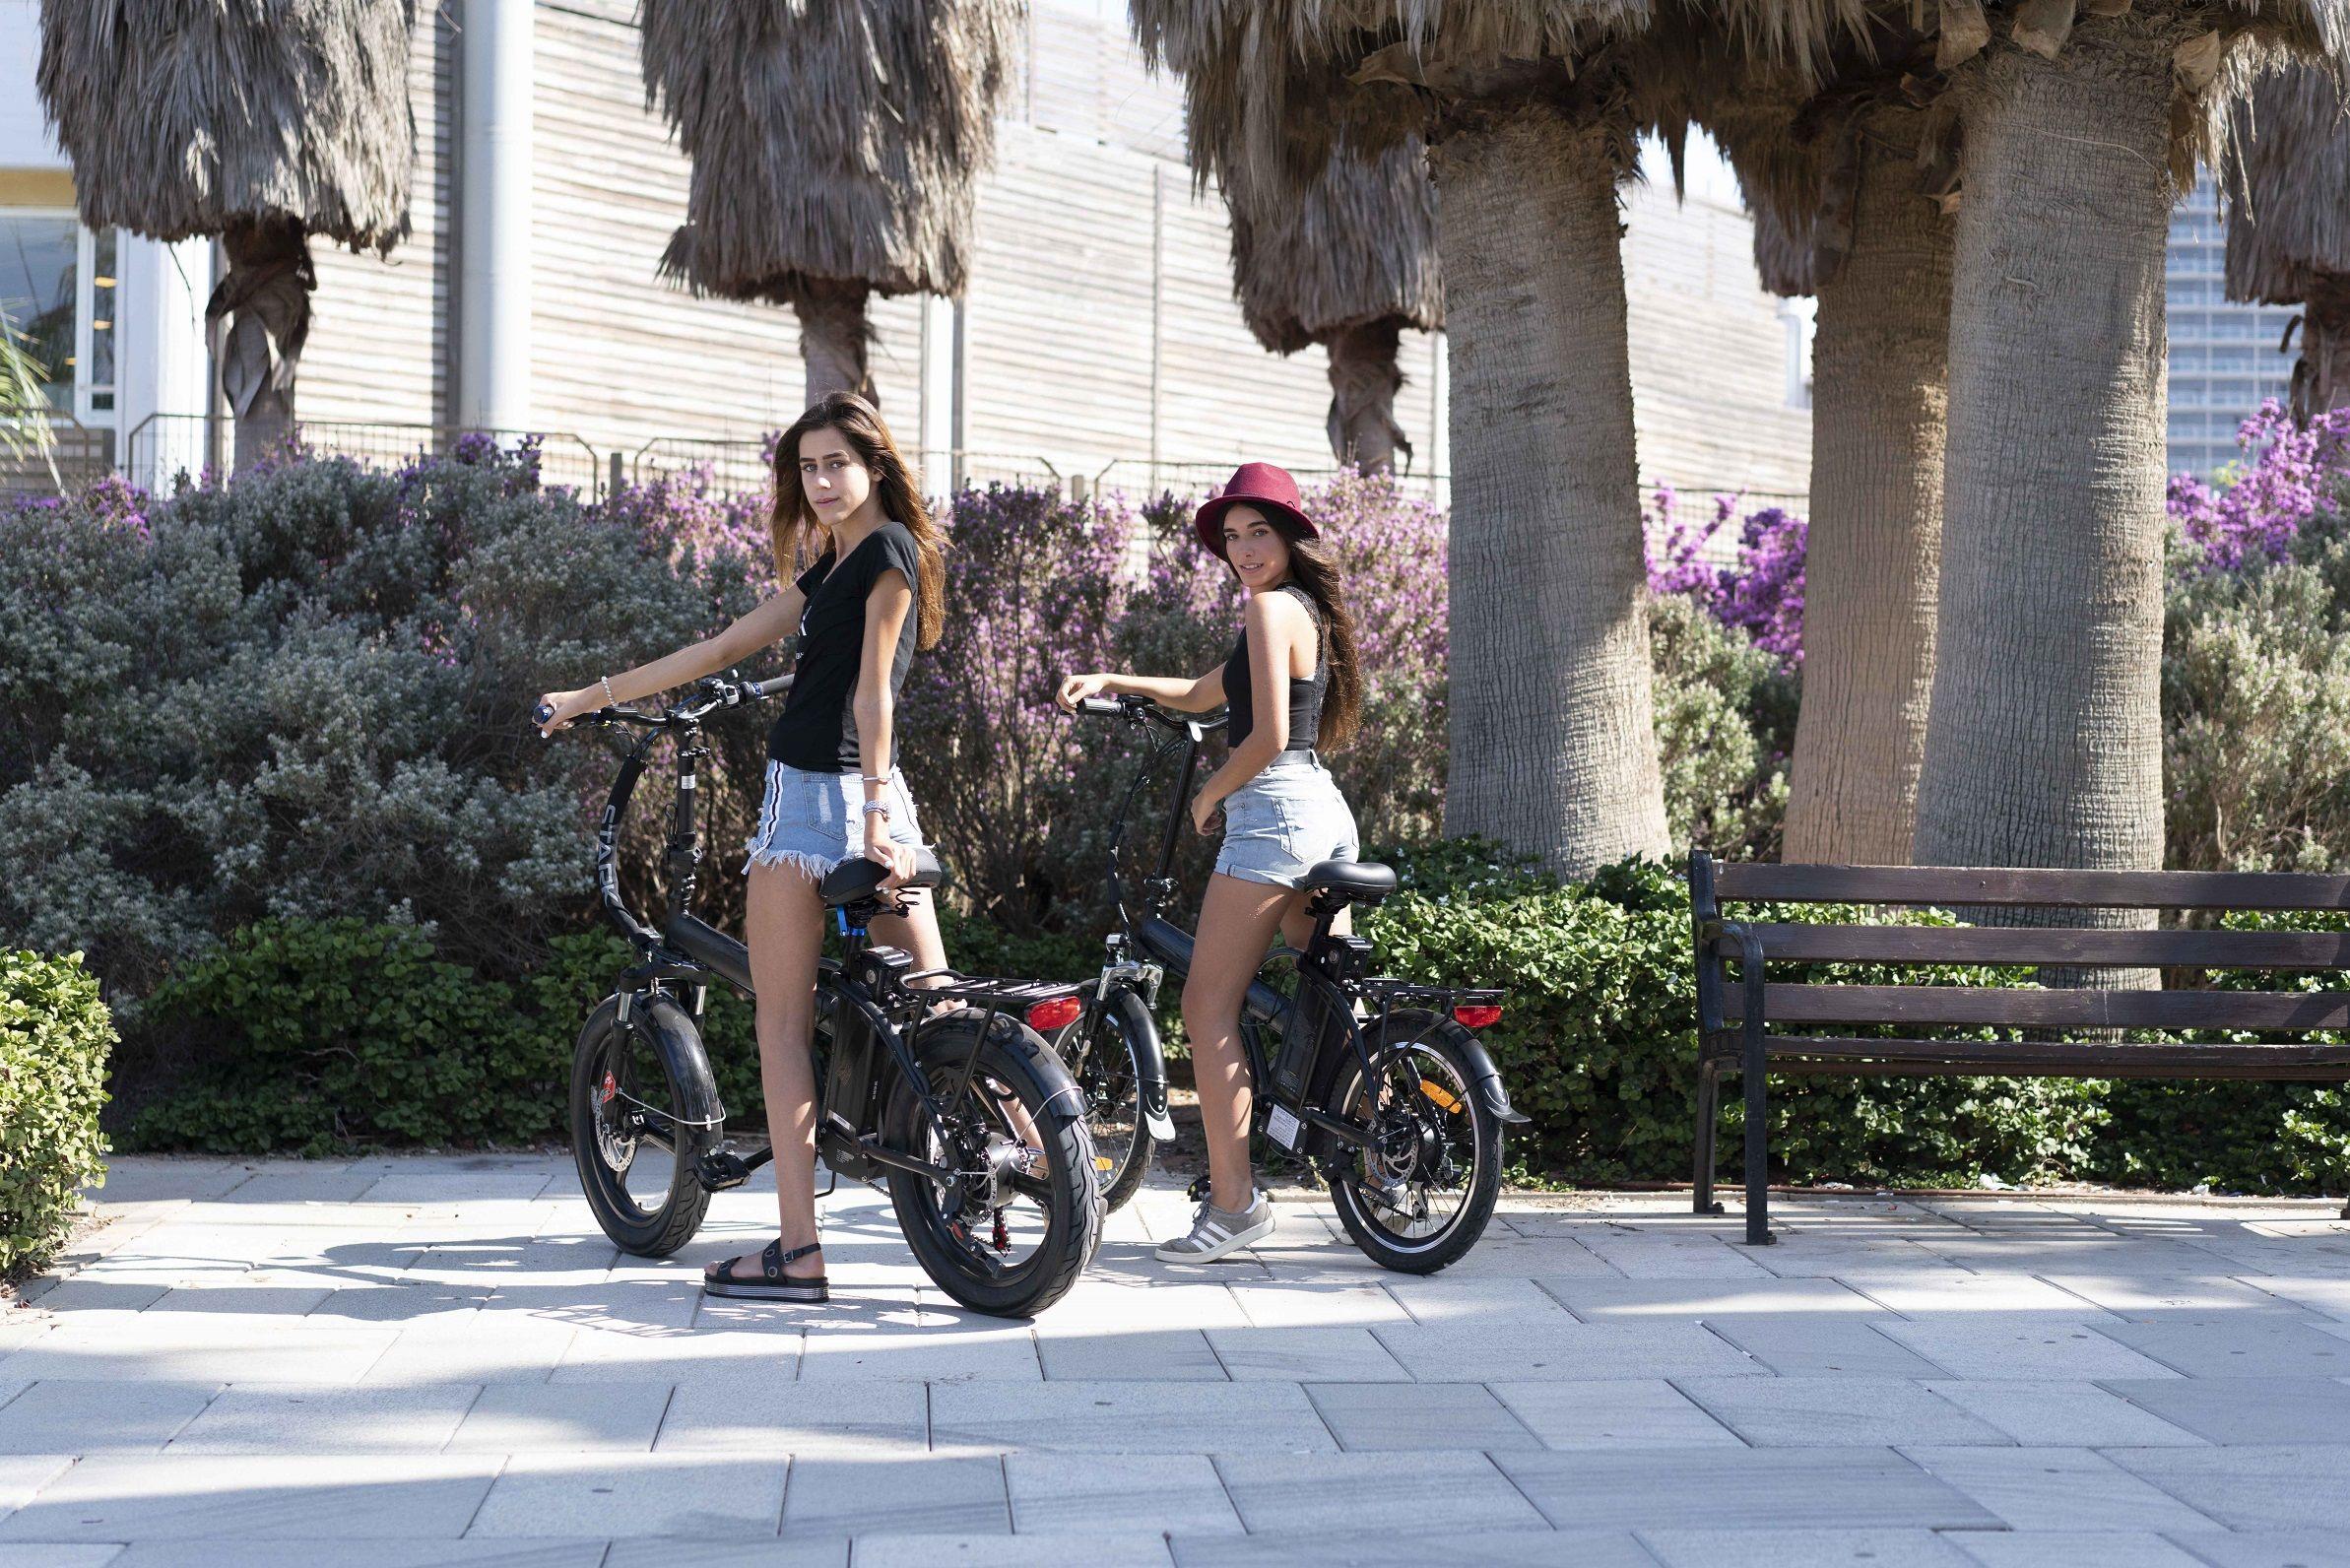 אלפא בייקס, אופניים חשמליים רמת גן, חנות אופניים חשמליות רמת גן